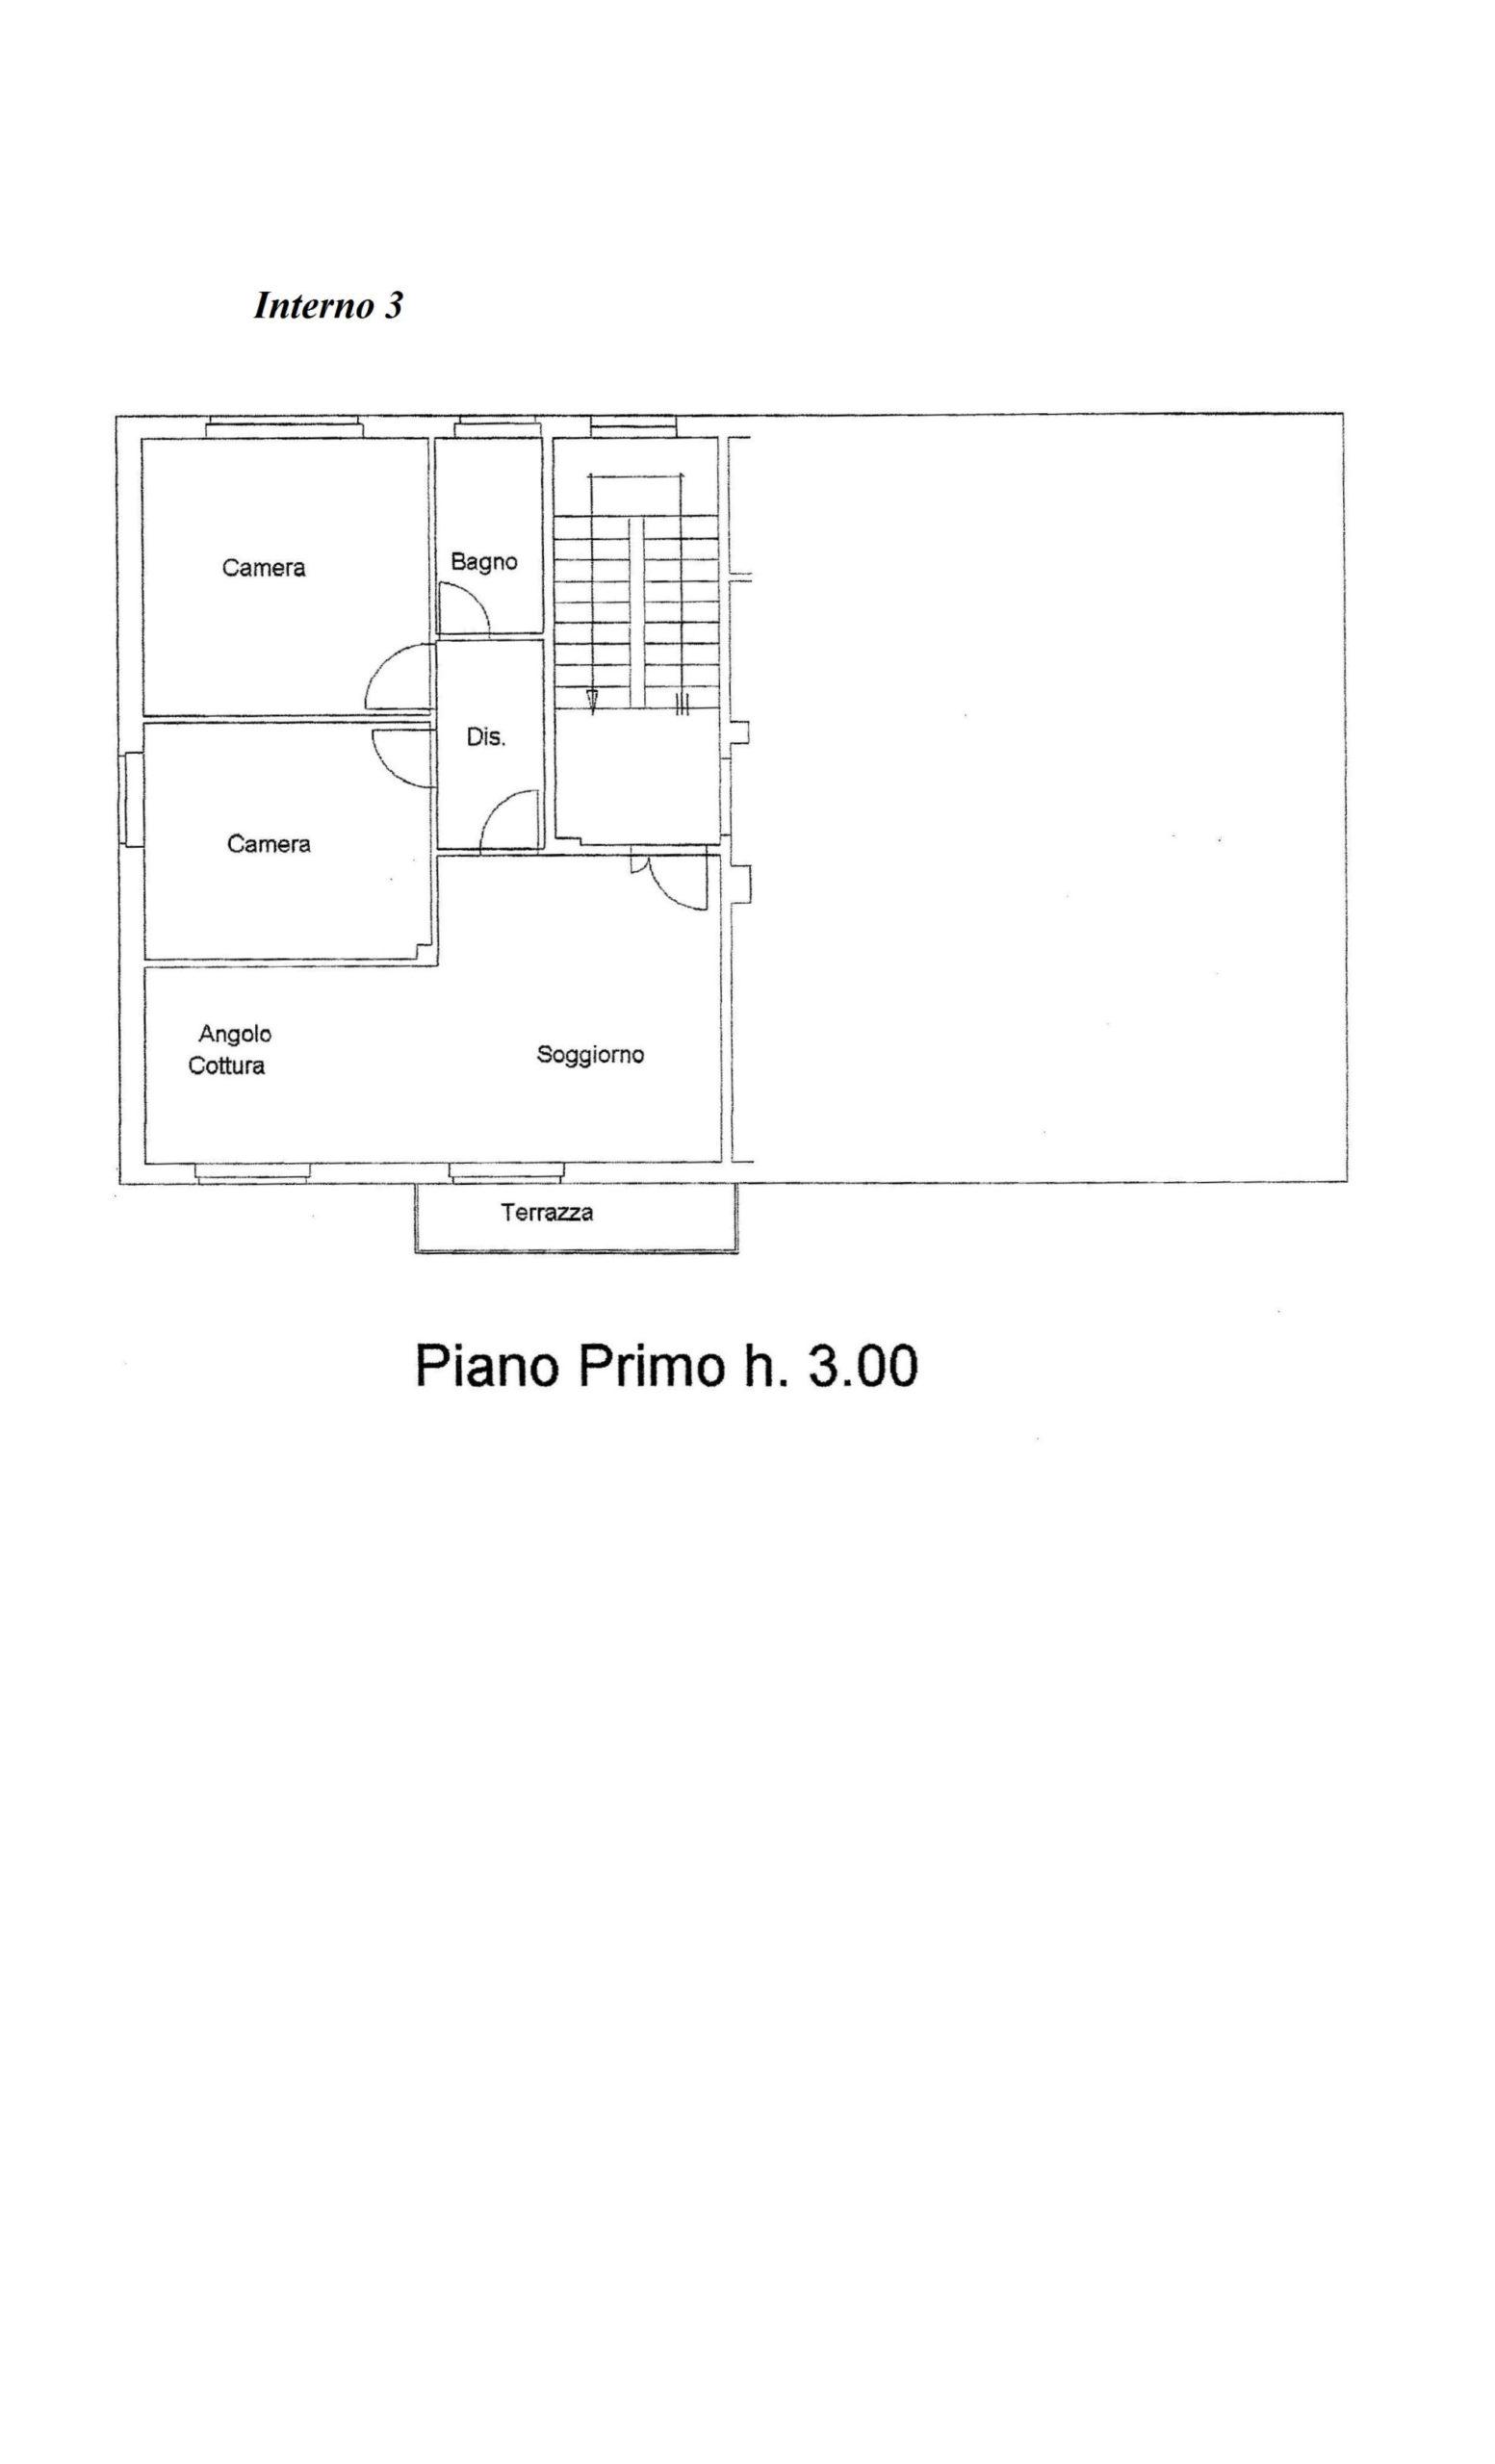 Piano Primo lato sinistro id 330999